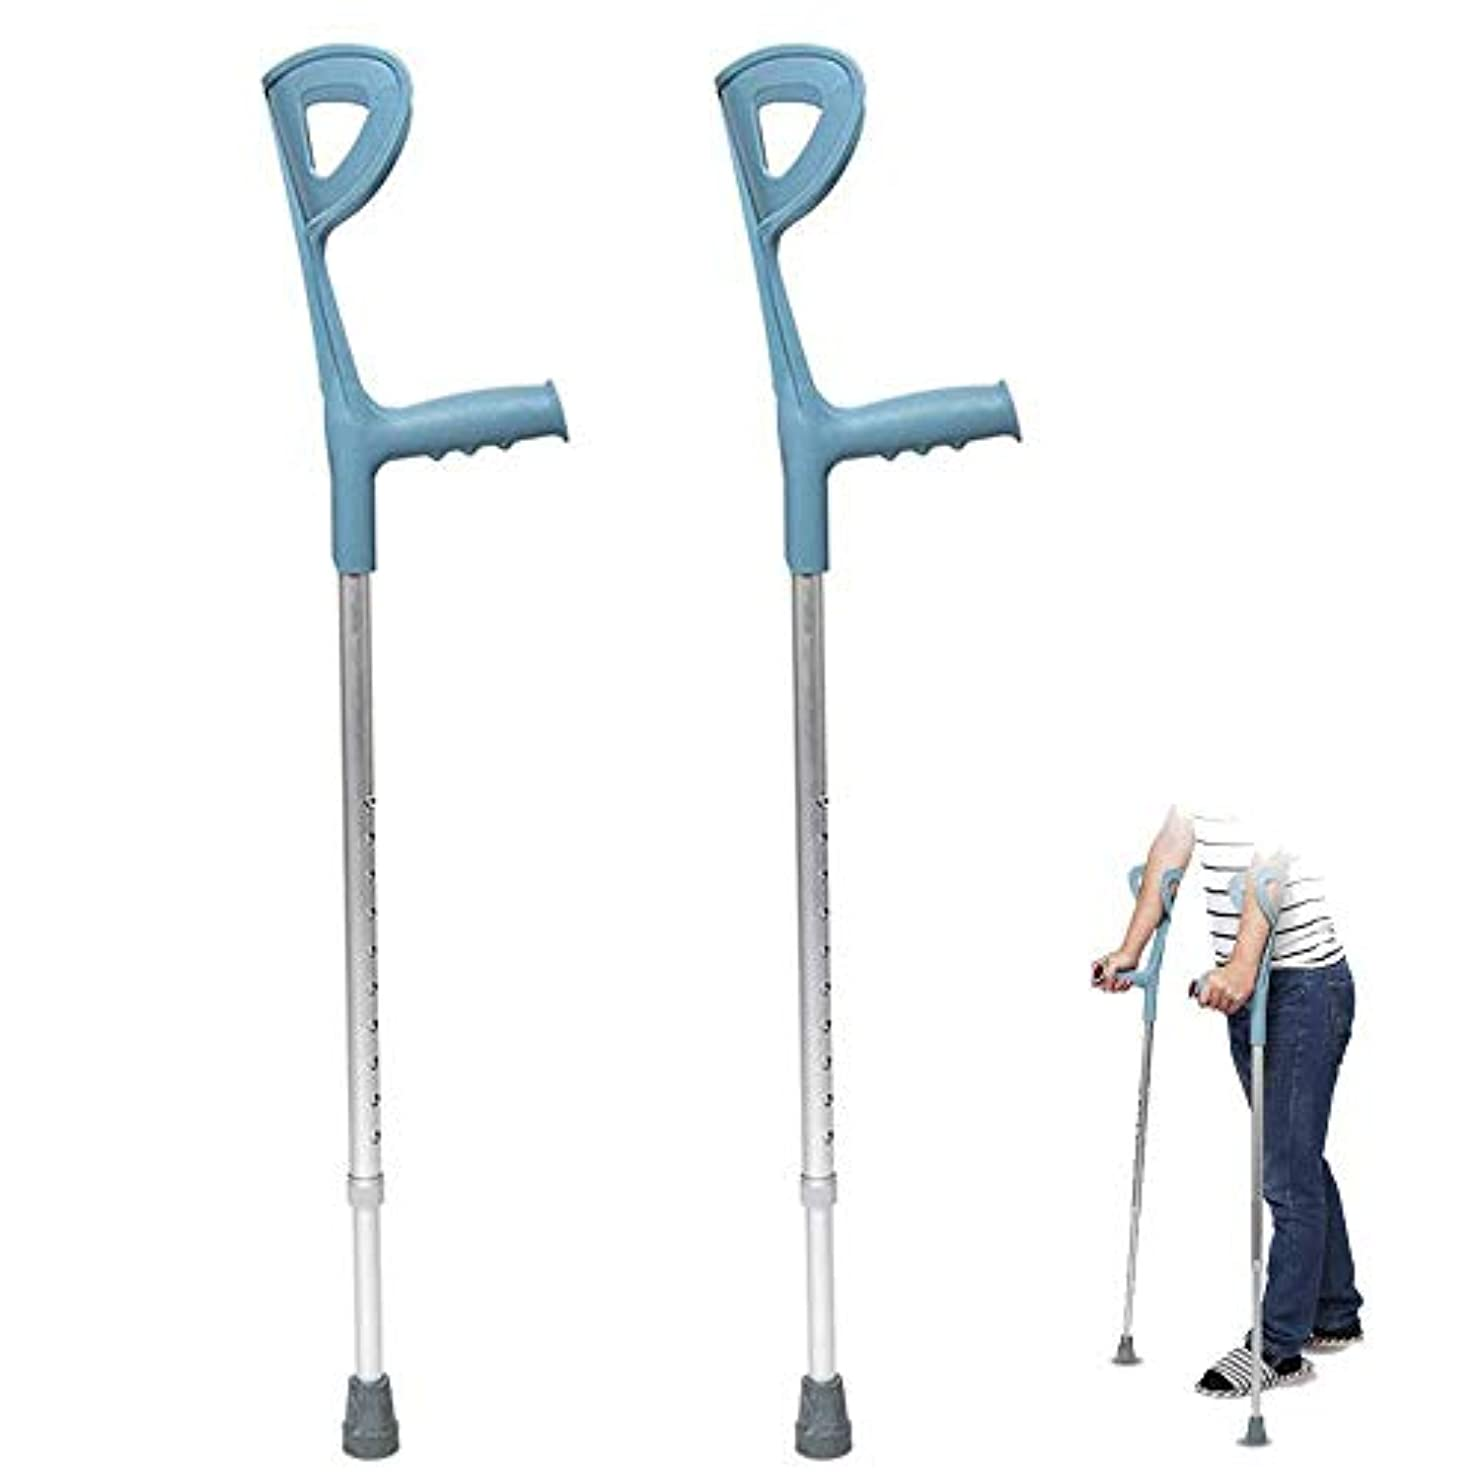 アスペクトずっと韓国高さ調節可能な杖アルミ合金滑り止めアンチ滑り止め高齢者/女性/男性の医療リハビリテーションステッキ (Color : 2pcs)